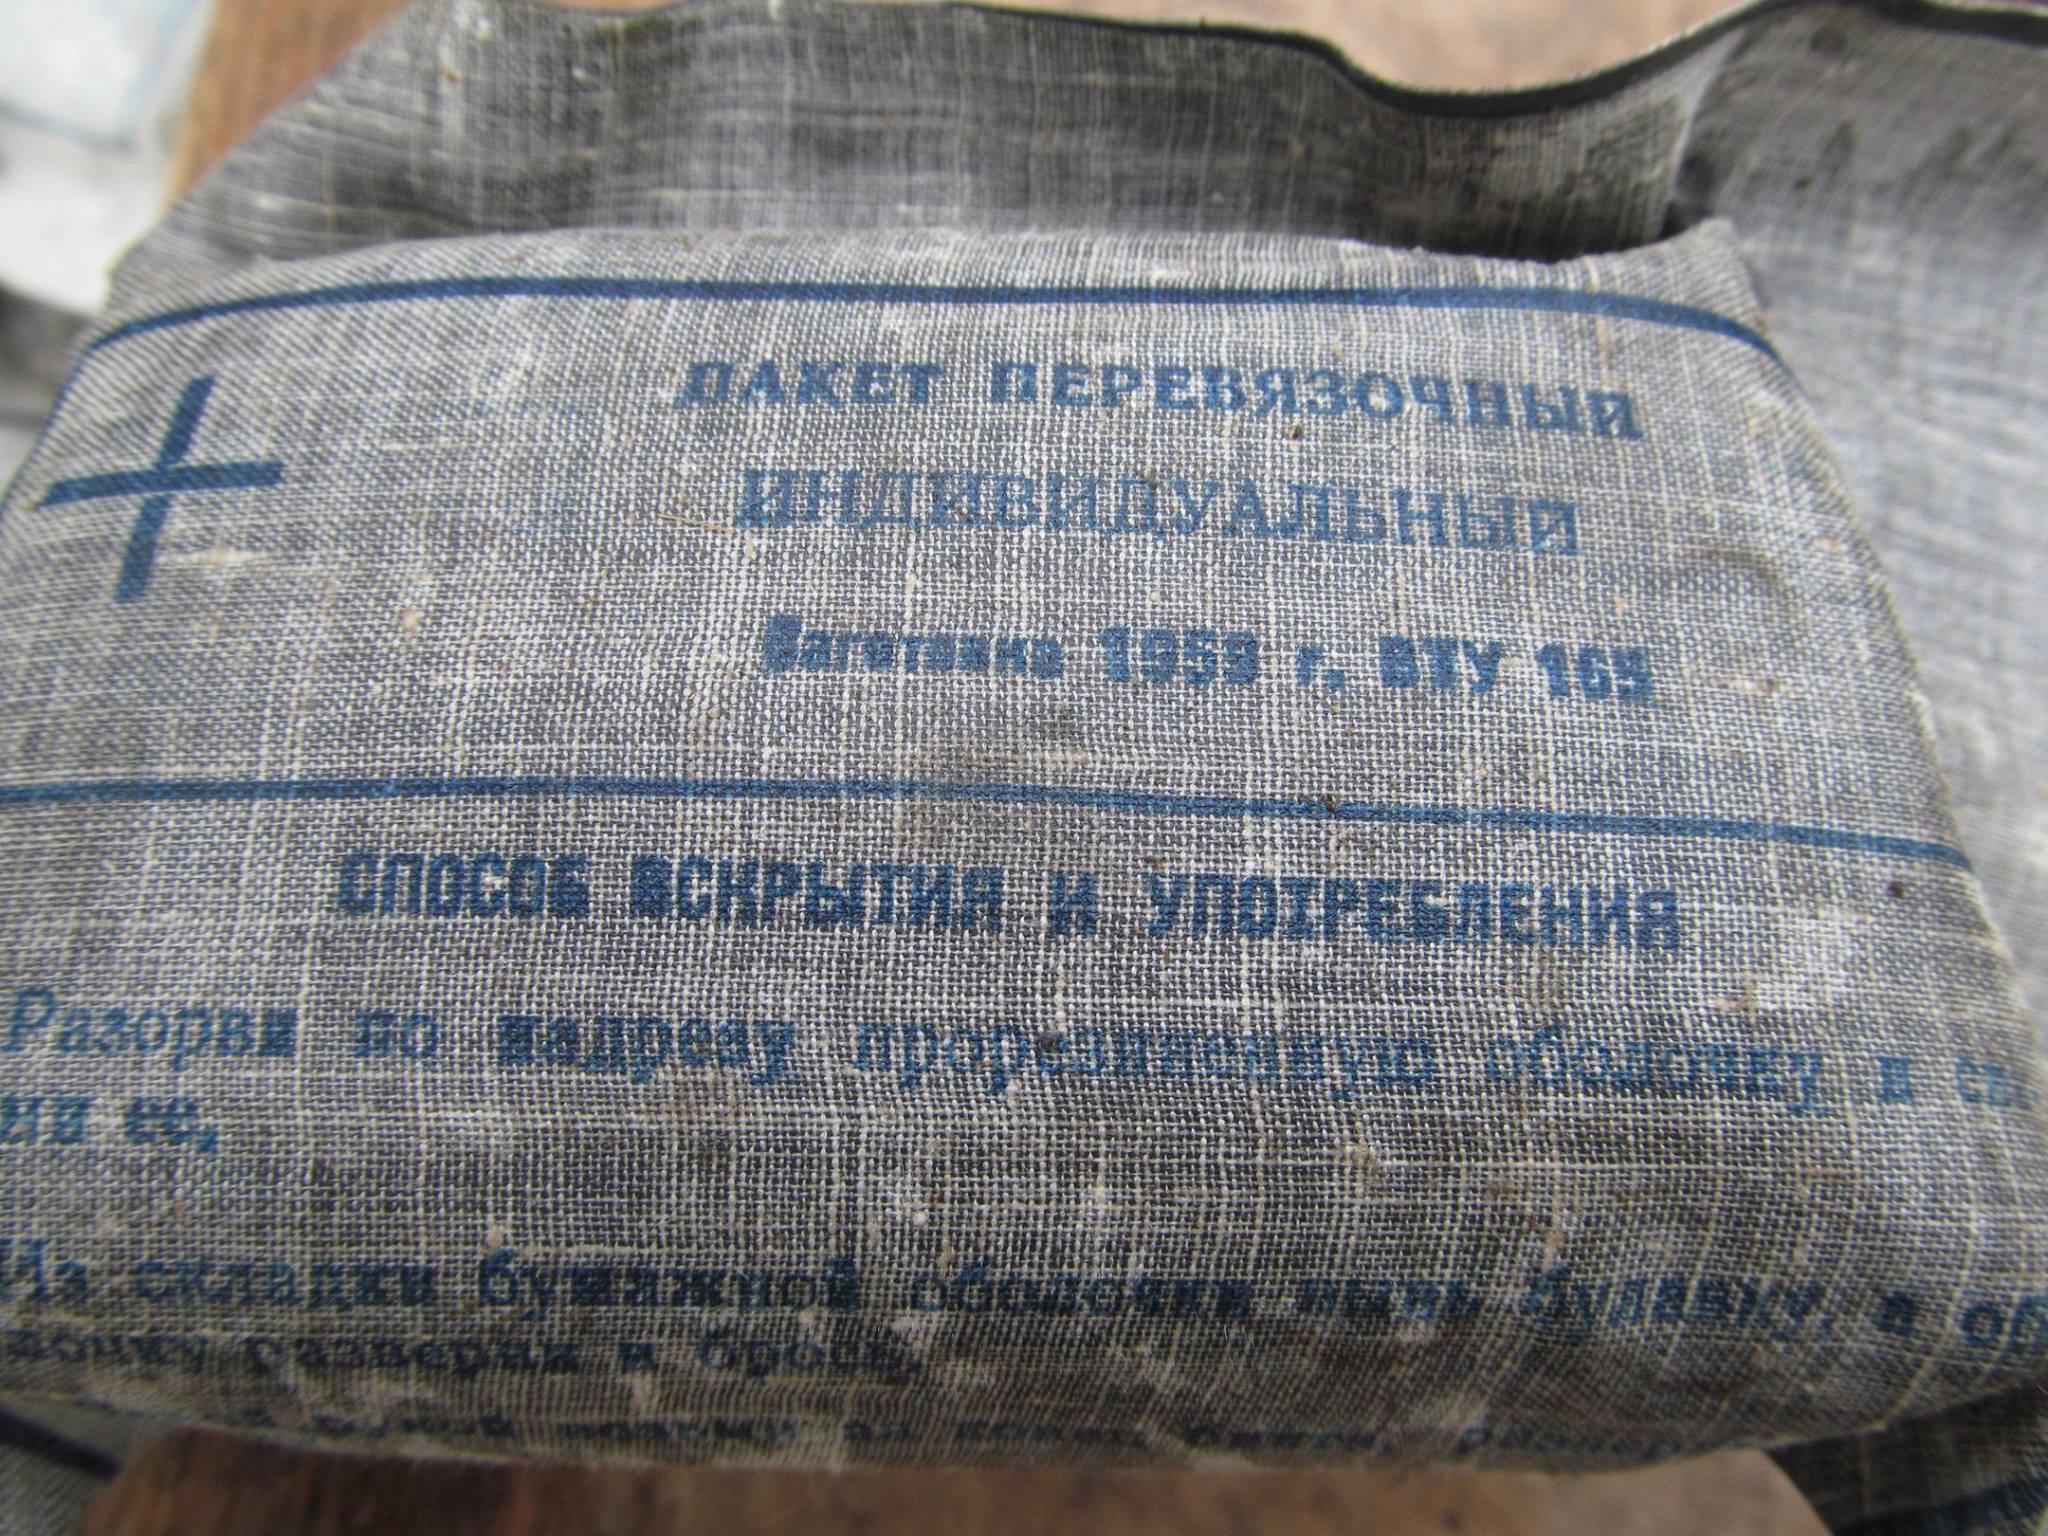 Перевязочный пакет 1959 года выпуска— тоесть, еще Хрущева помнит. «Медицинские припасы как вино— чем старше, тем лучше!»— успокаивает евросолдат «Порошенко иМазепа»